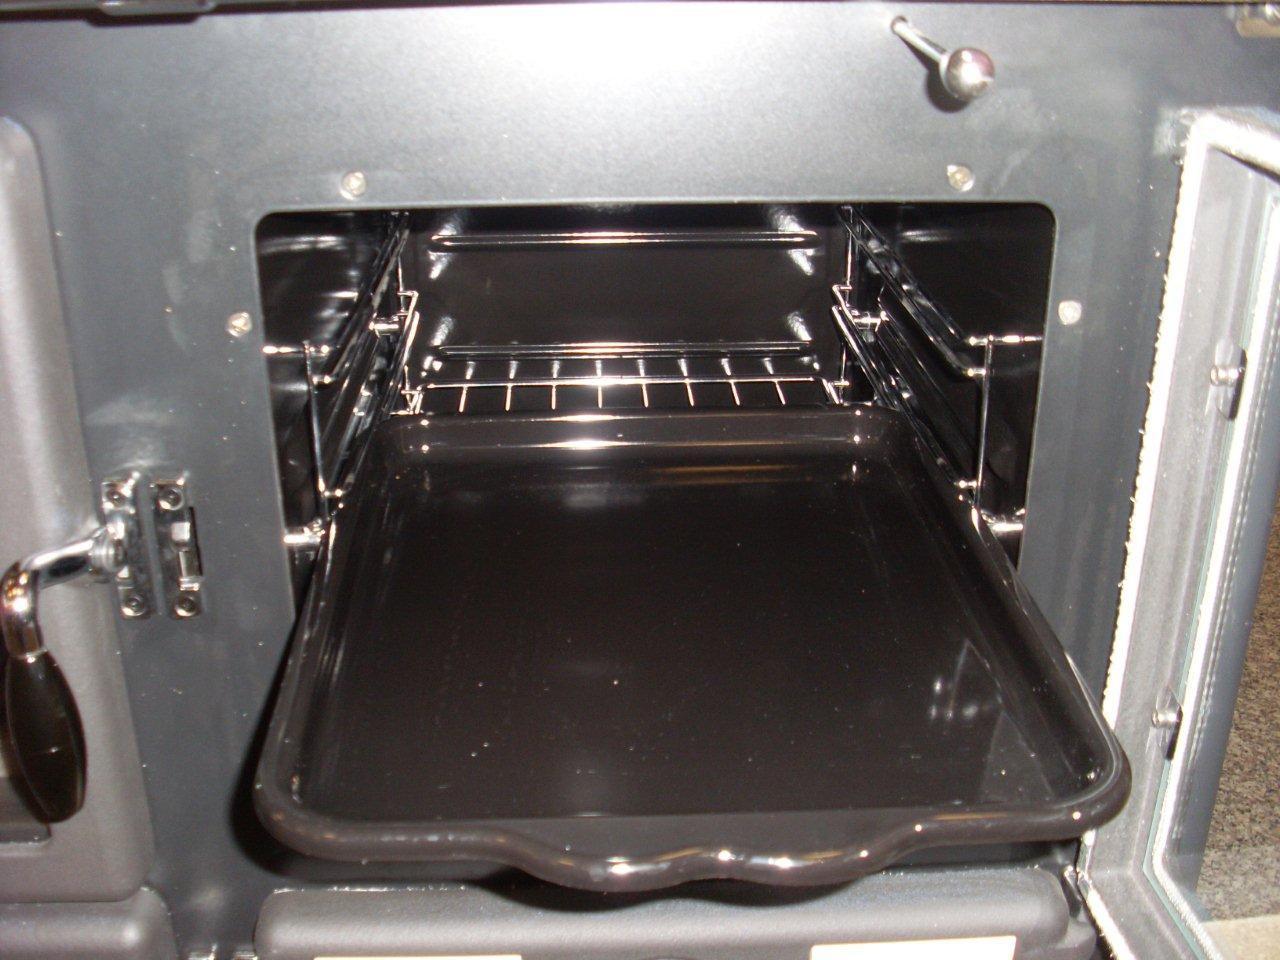 Backblech für La Nordica Kaminofen Isotta forno 29,4x38,5cm Bild 1